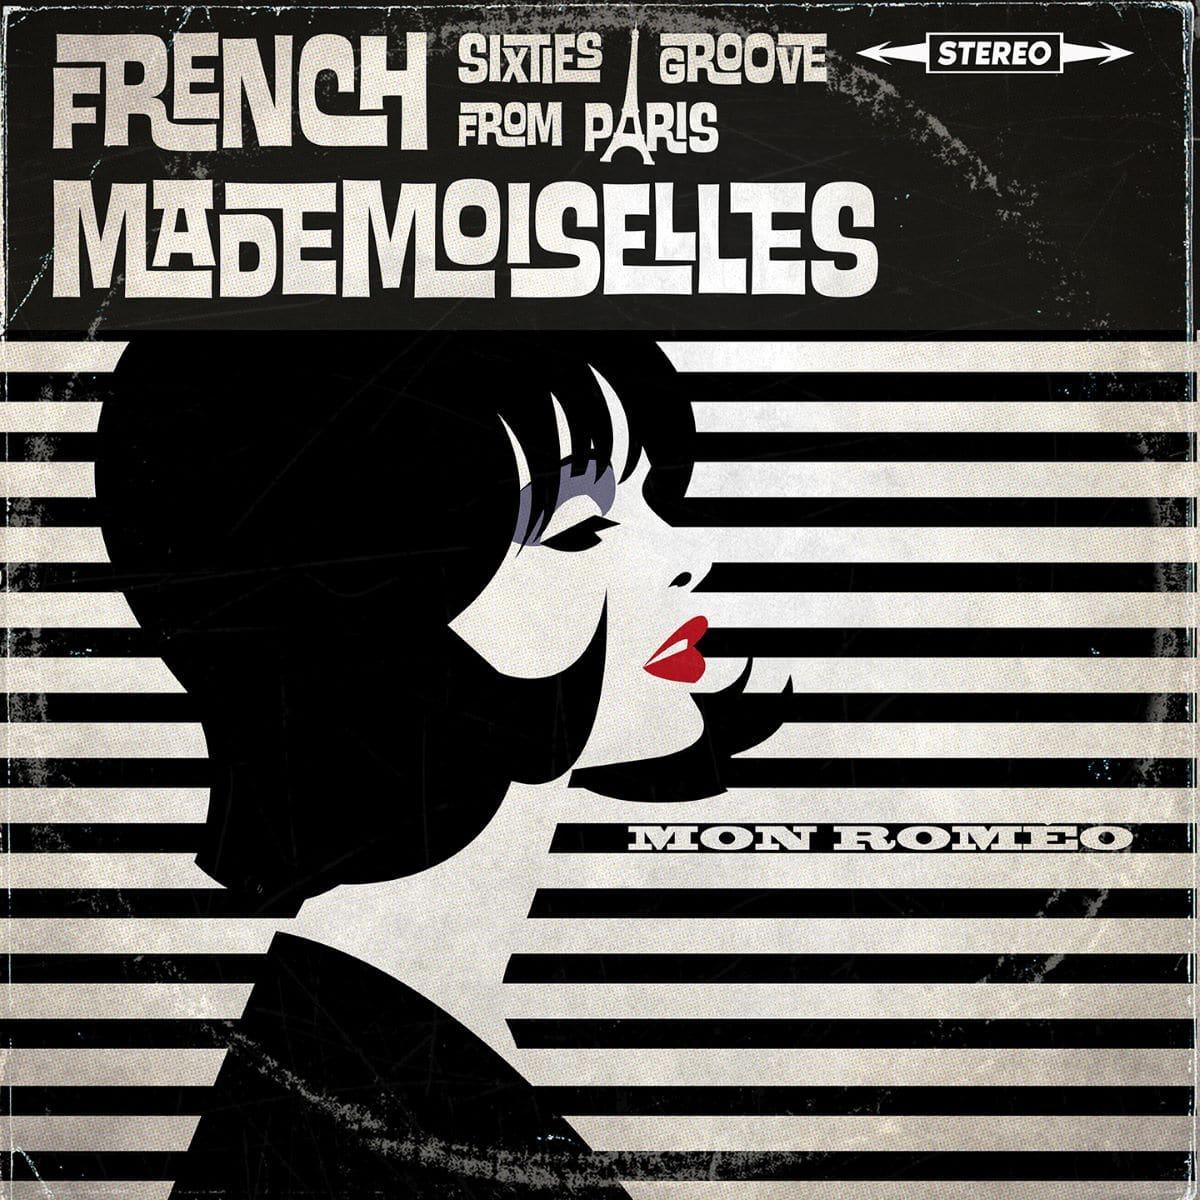 french mademoiselles paris sixties - Comment devenir une véritable French Mademoiselle ?